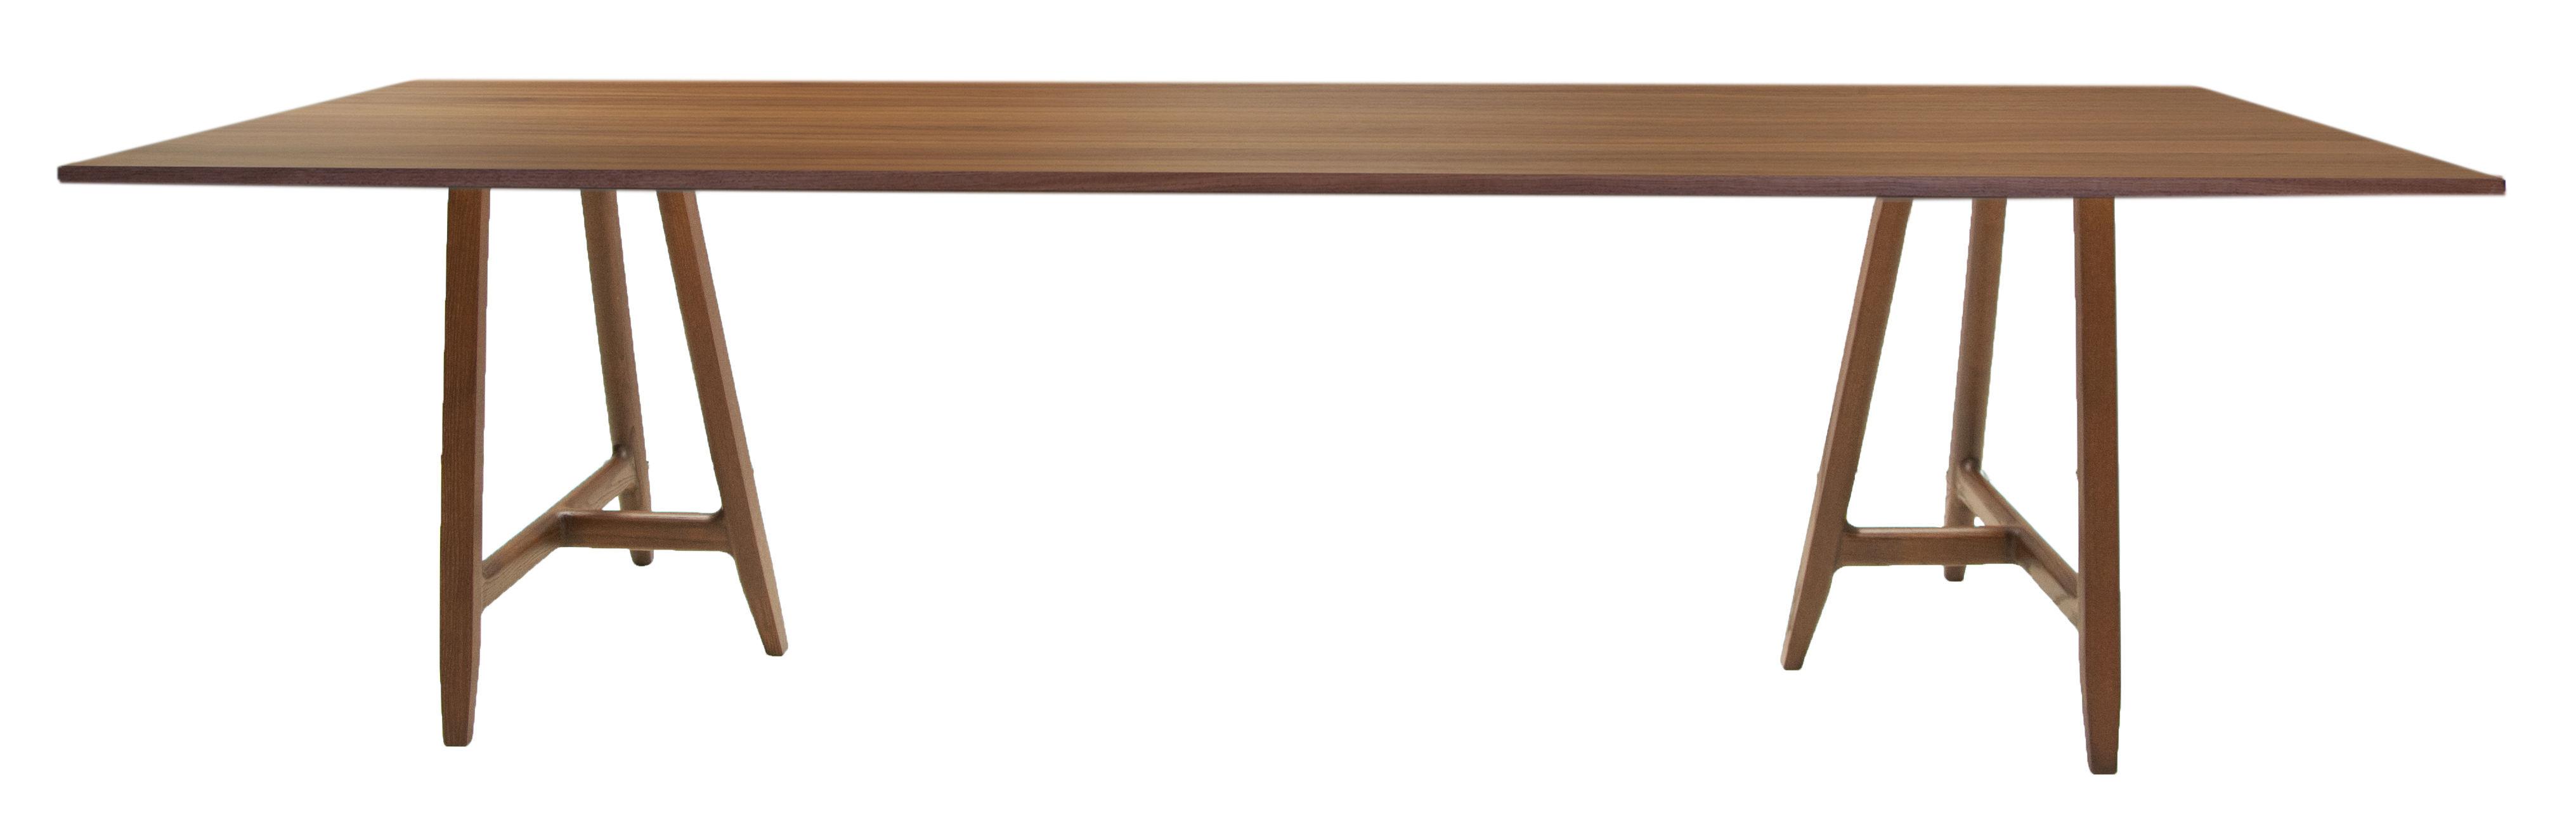 easel tisch 220 x 90 cm tischplatte nussbaum tischplatte nussbaum tischbeine nussbaum by. Black Bedroom Furniture Sets. Home Design Ideas